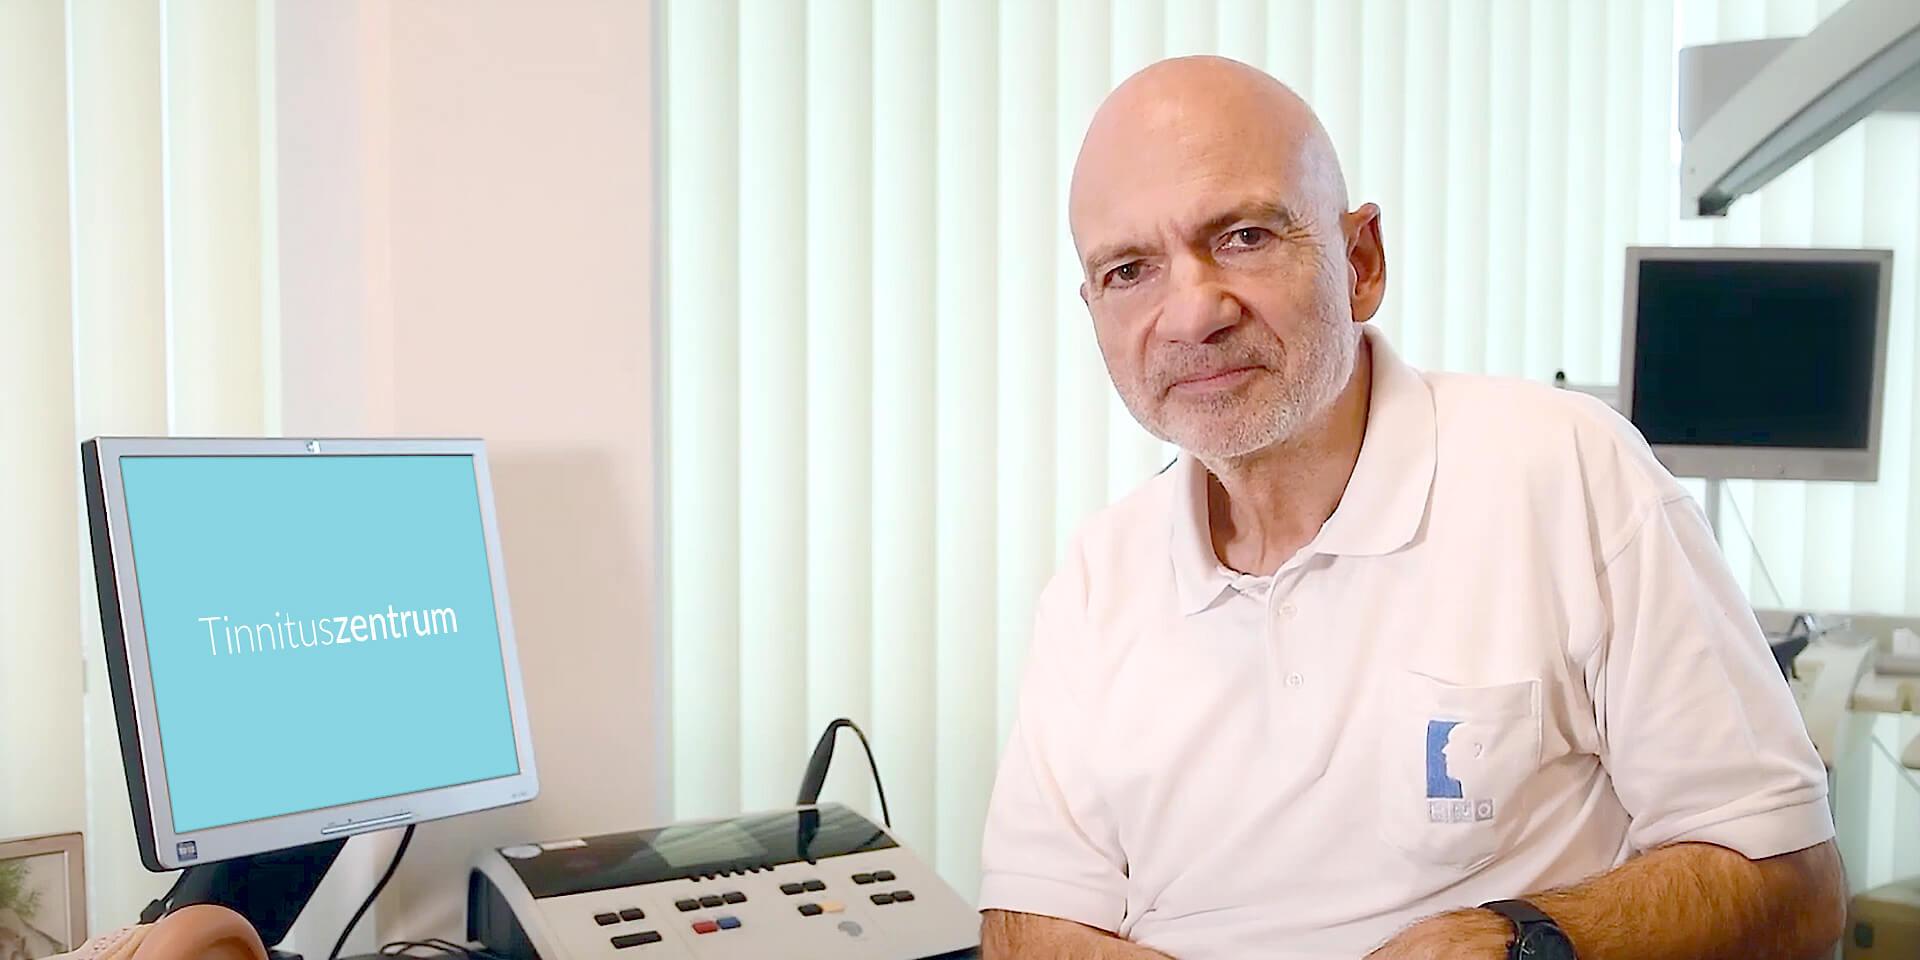 Dr. Johanne Schobel   Tinnitus Zentrum